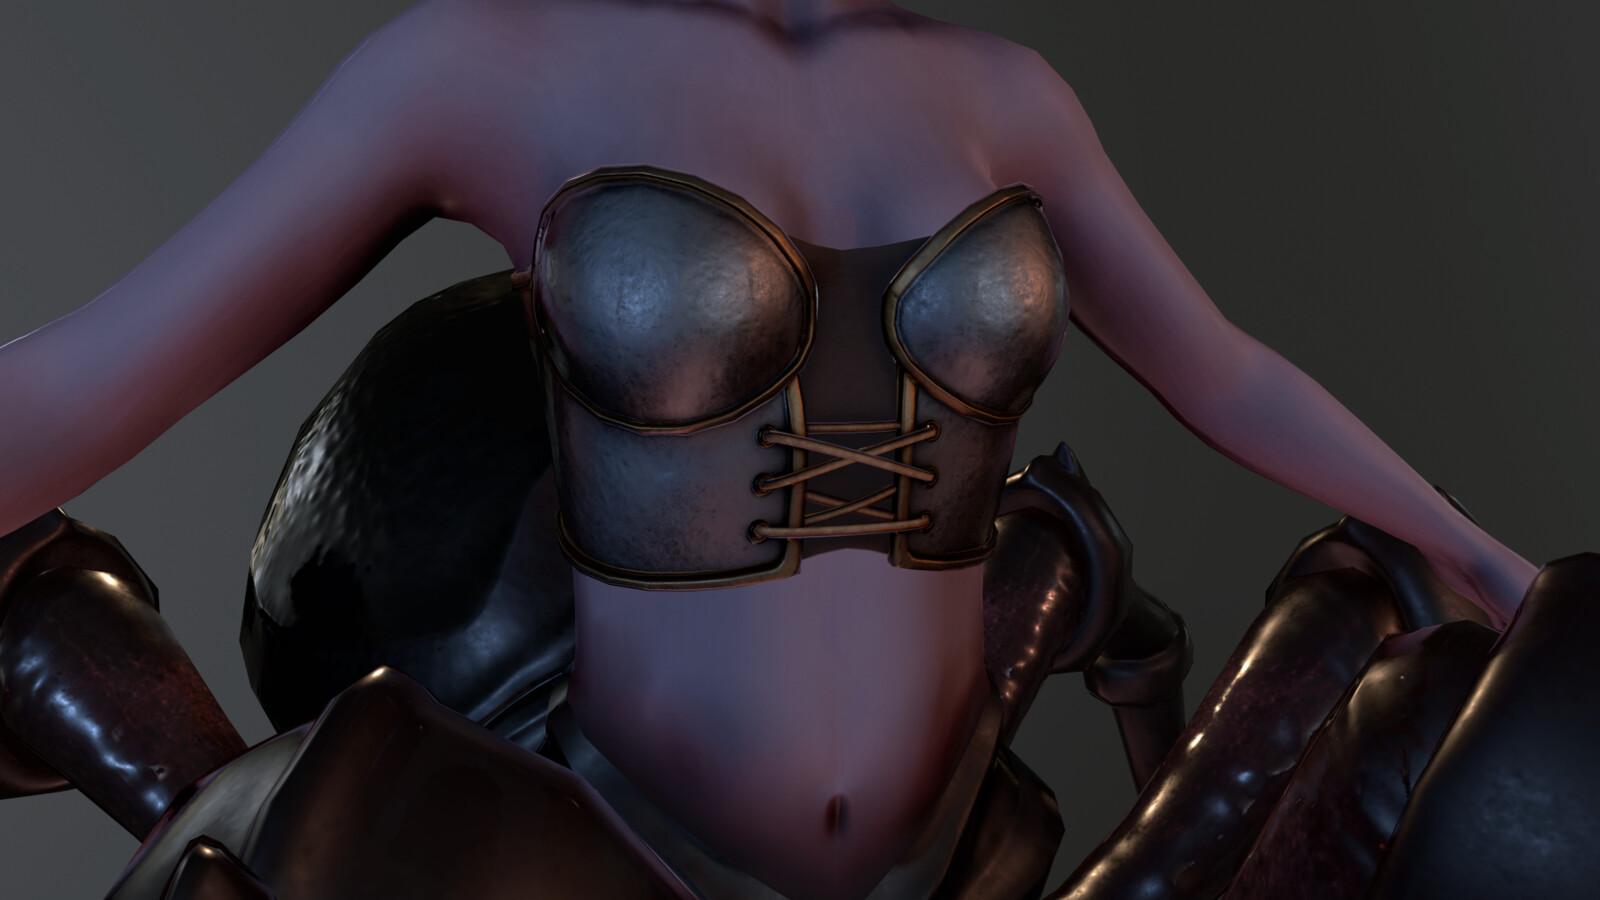 Beauty - Breastplate Render